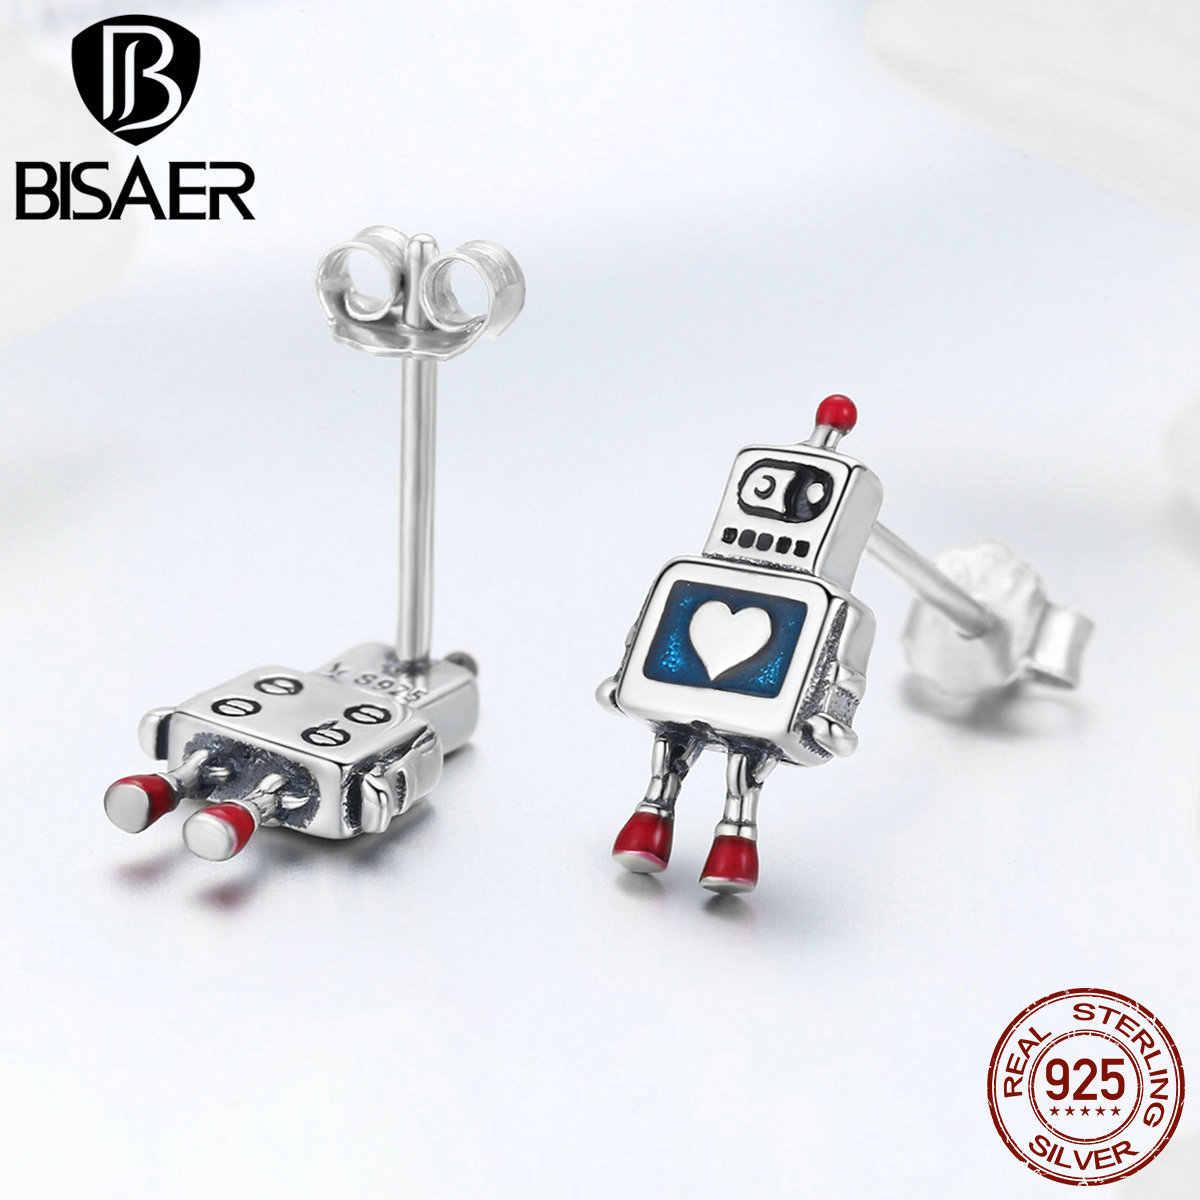 BISAER Bán Bạc 925 Robot Cơ Bông tai Nữ Robot Đồ Chơi Bông Tai Bông Thời Trang Trang Sức ECE477